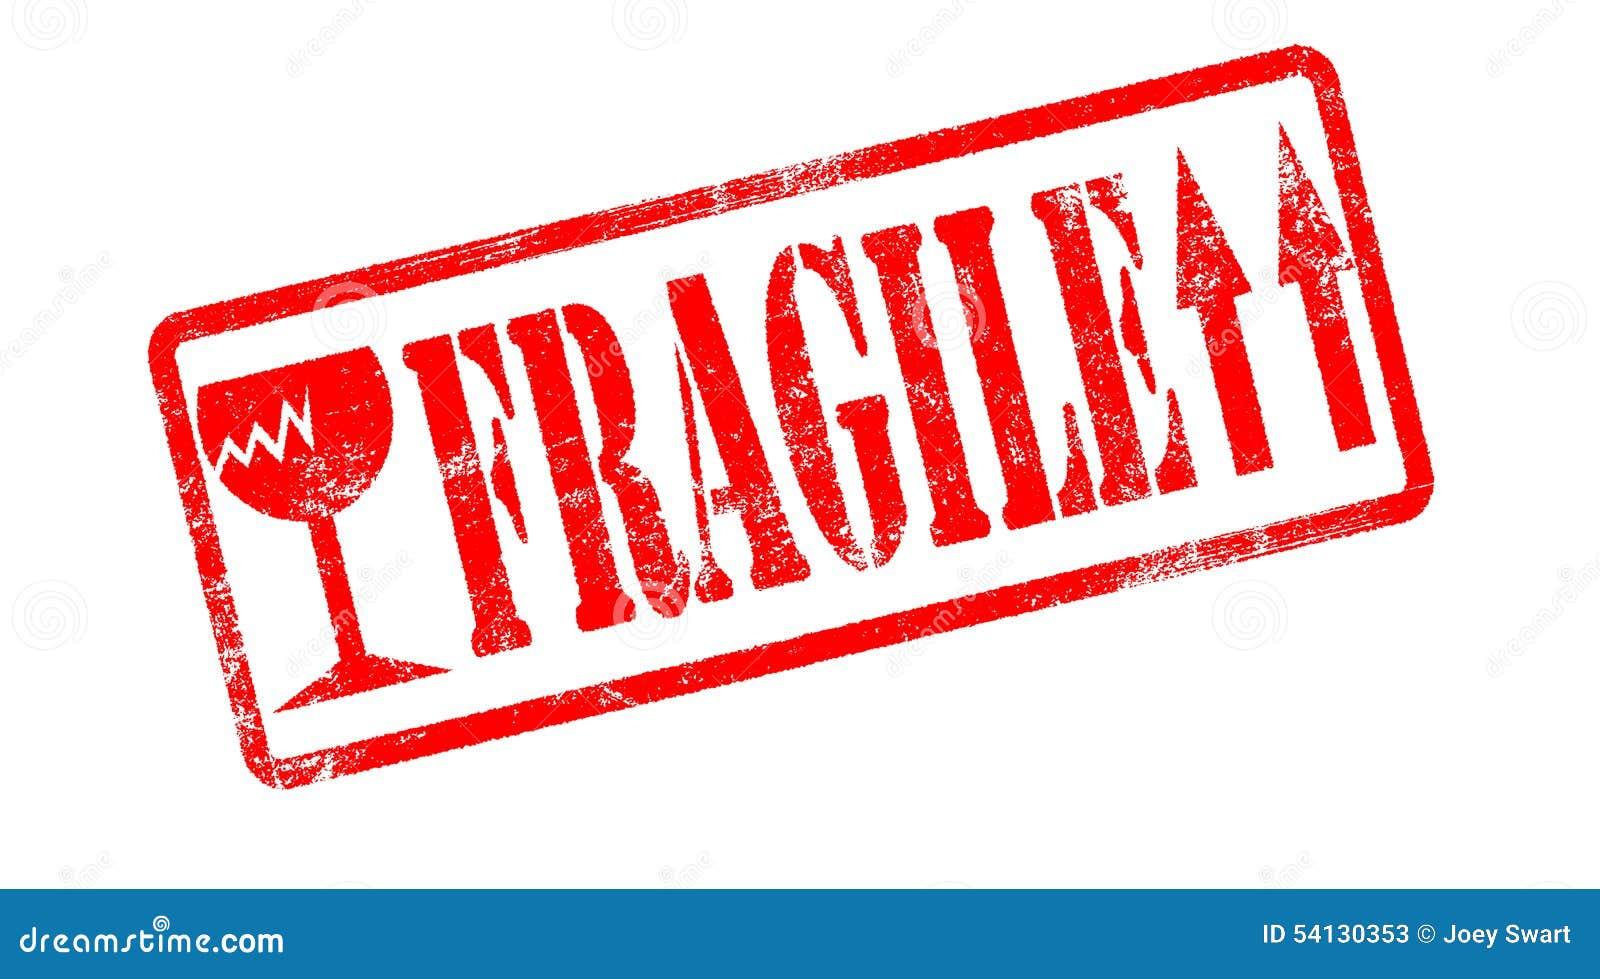 Fragile Stamp. Stock Illustration - Image: 54130353